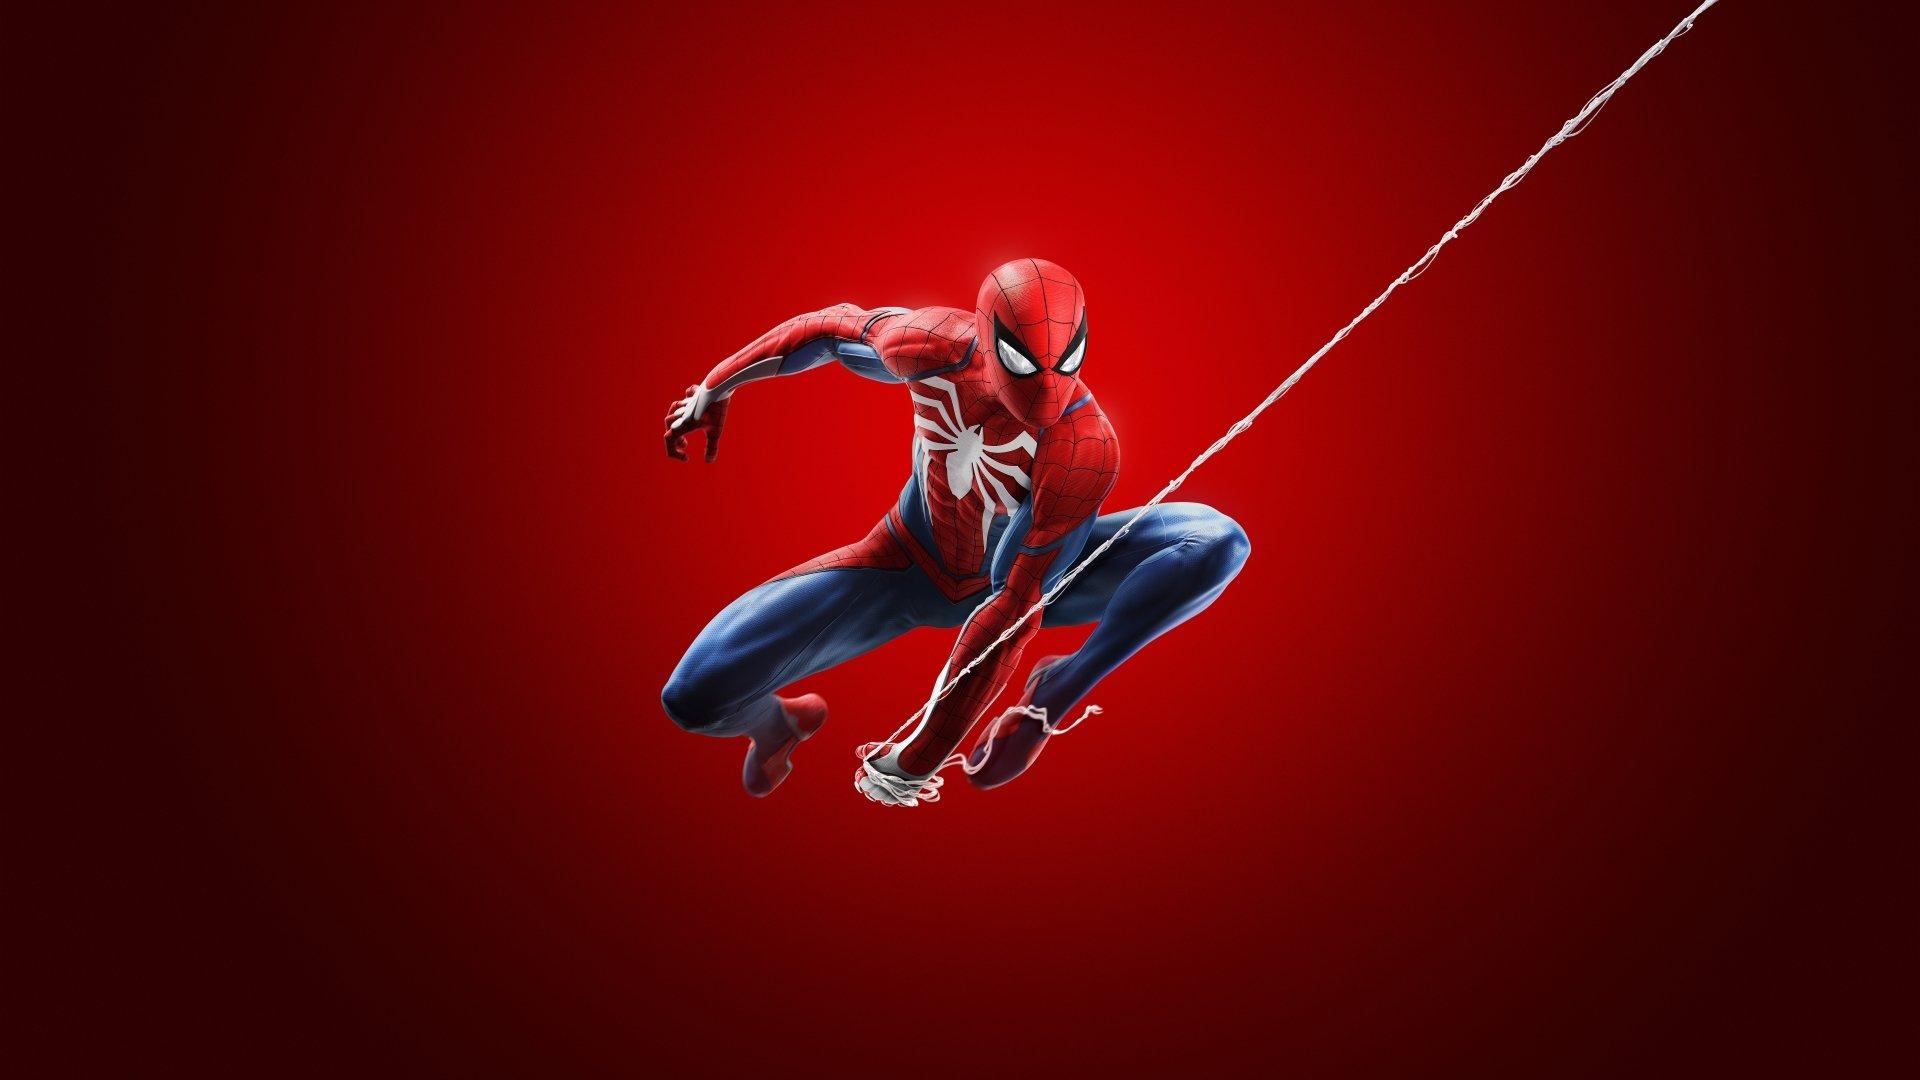 Spider Man Ps4 Fondo De Pantalla 8k Ultra Hd Id3452